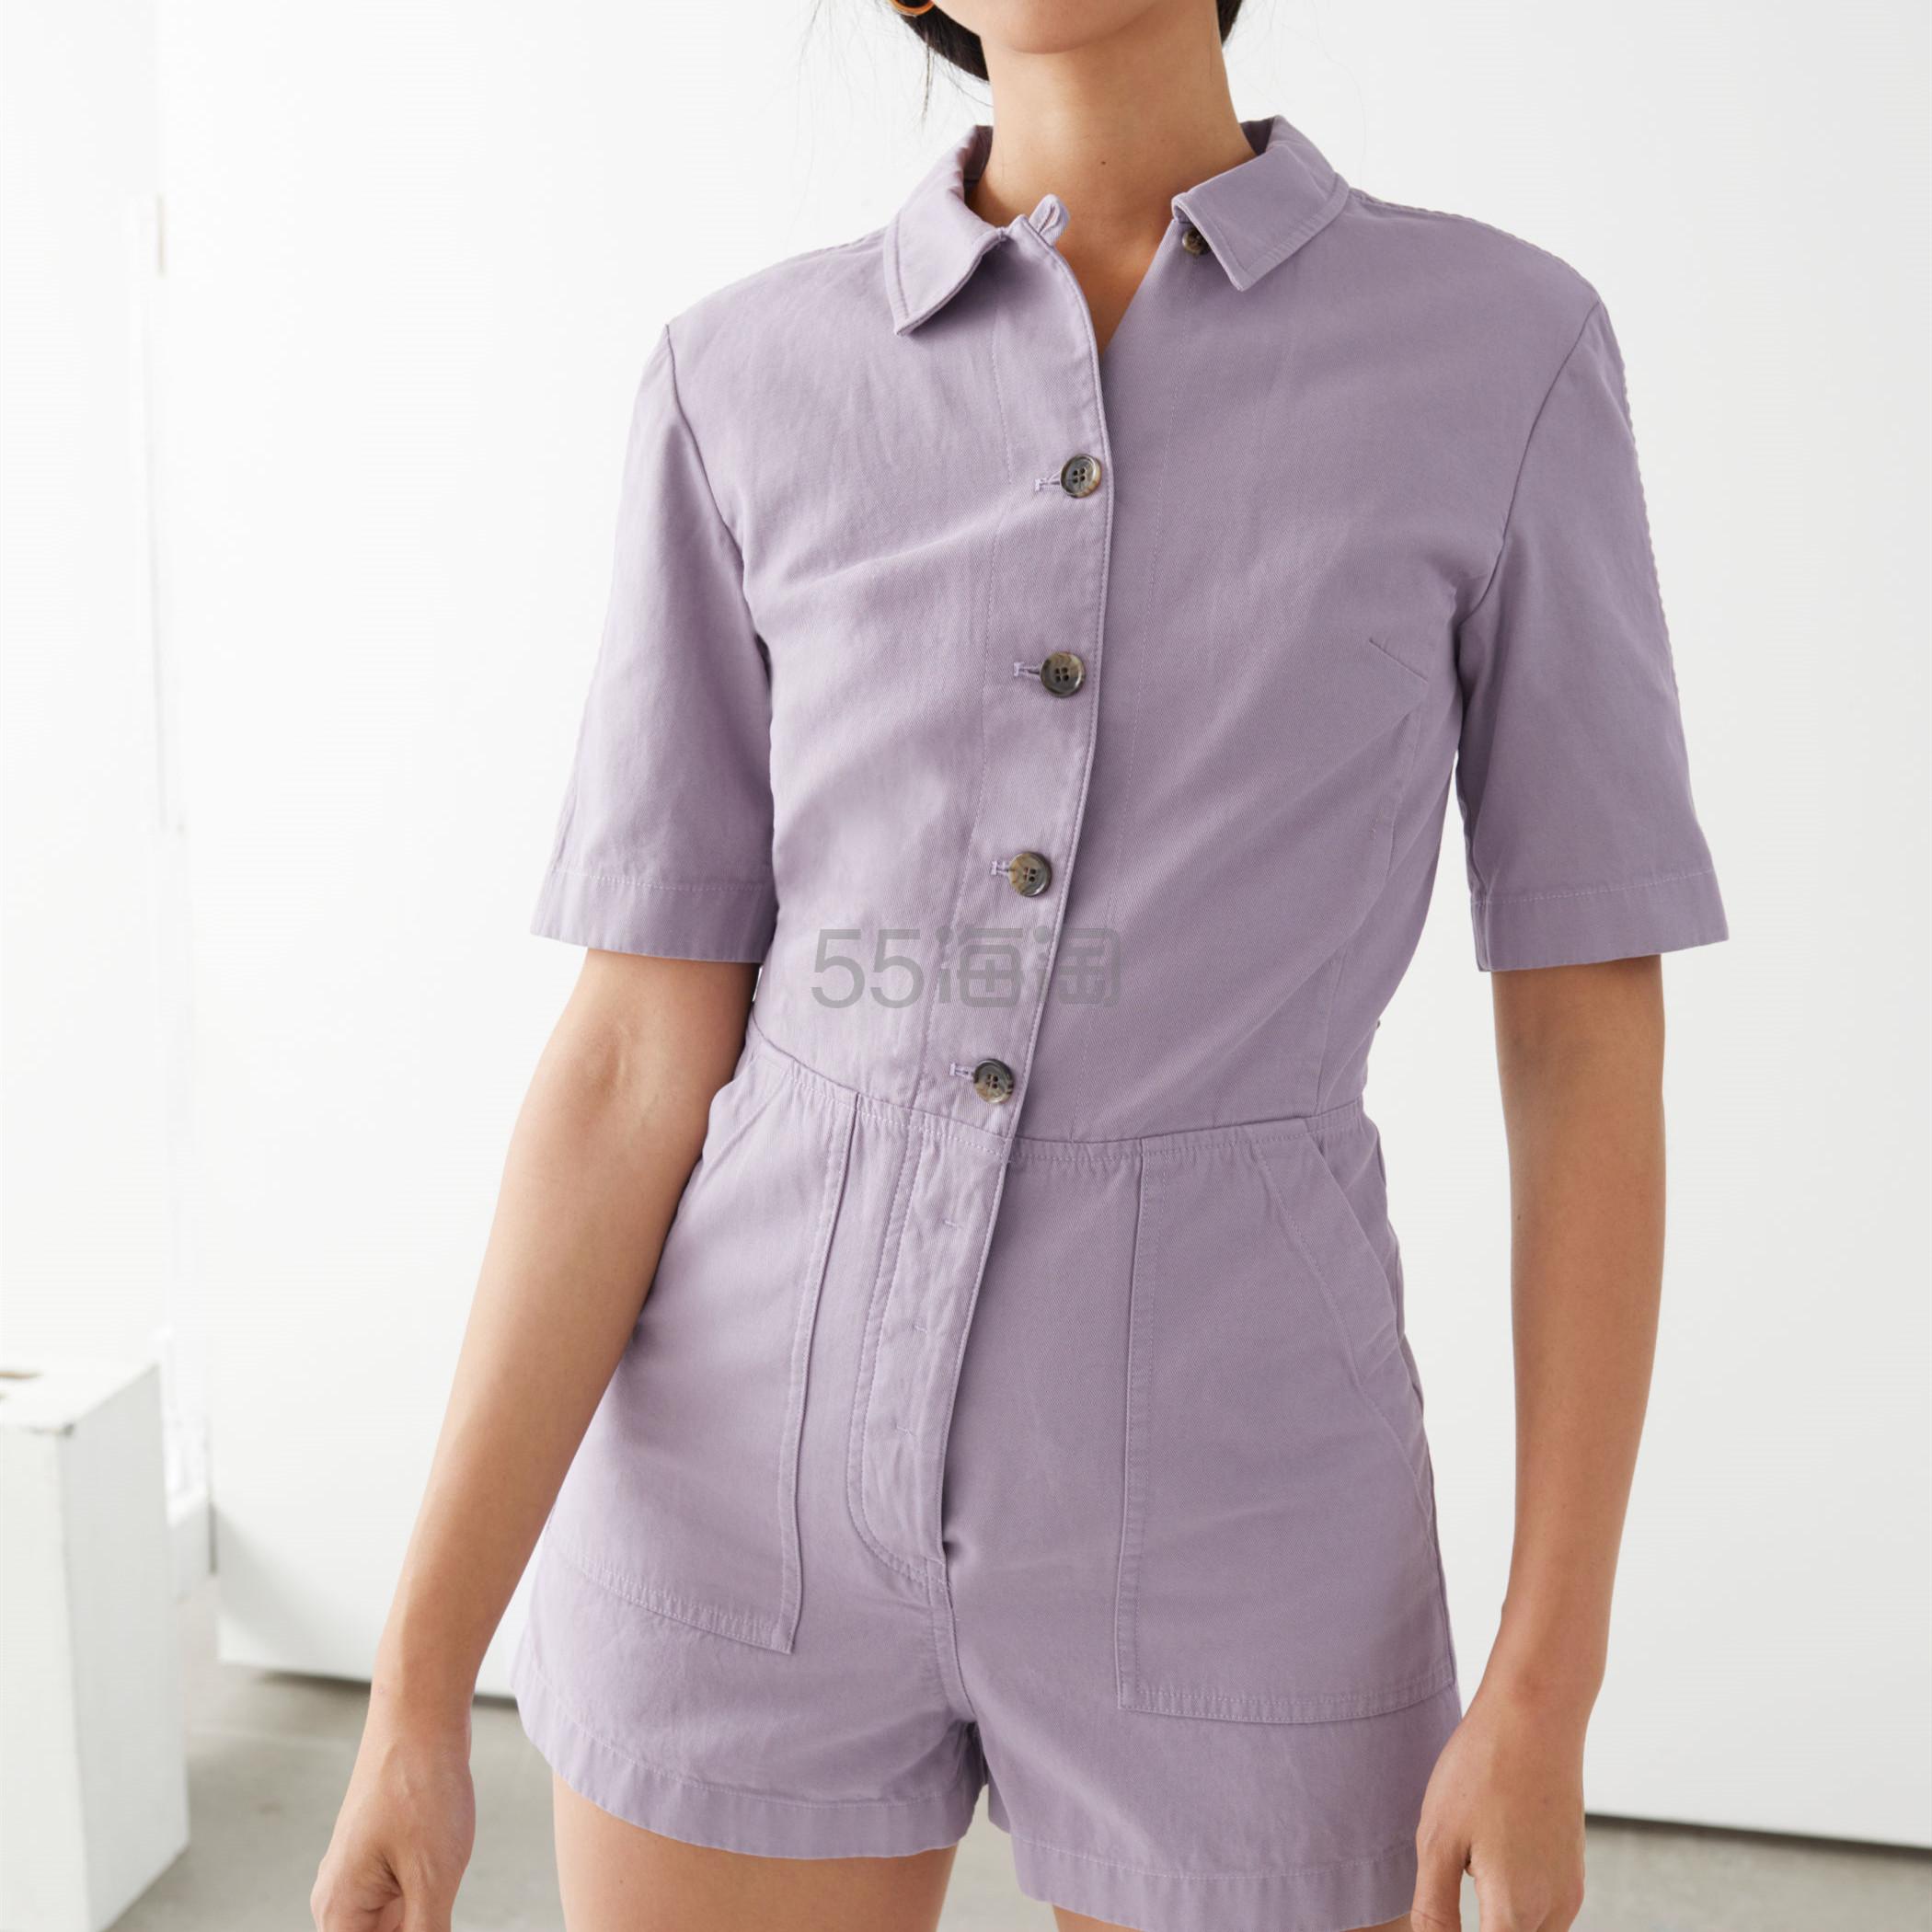 【5.4折!】&other stories 浅紫色连衣短裤